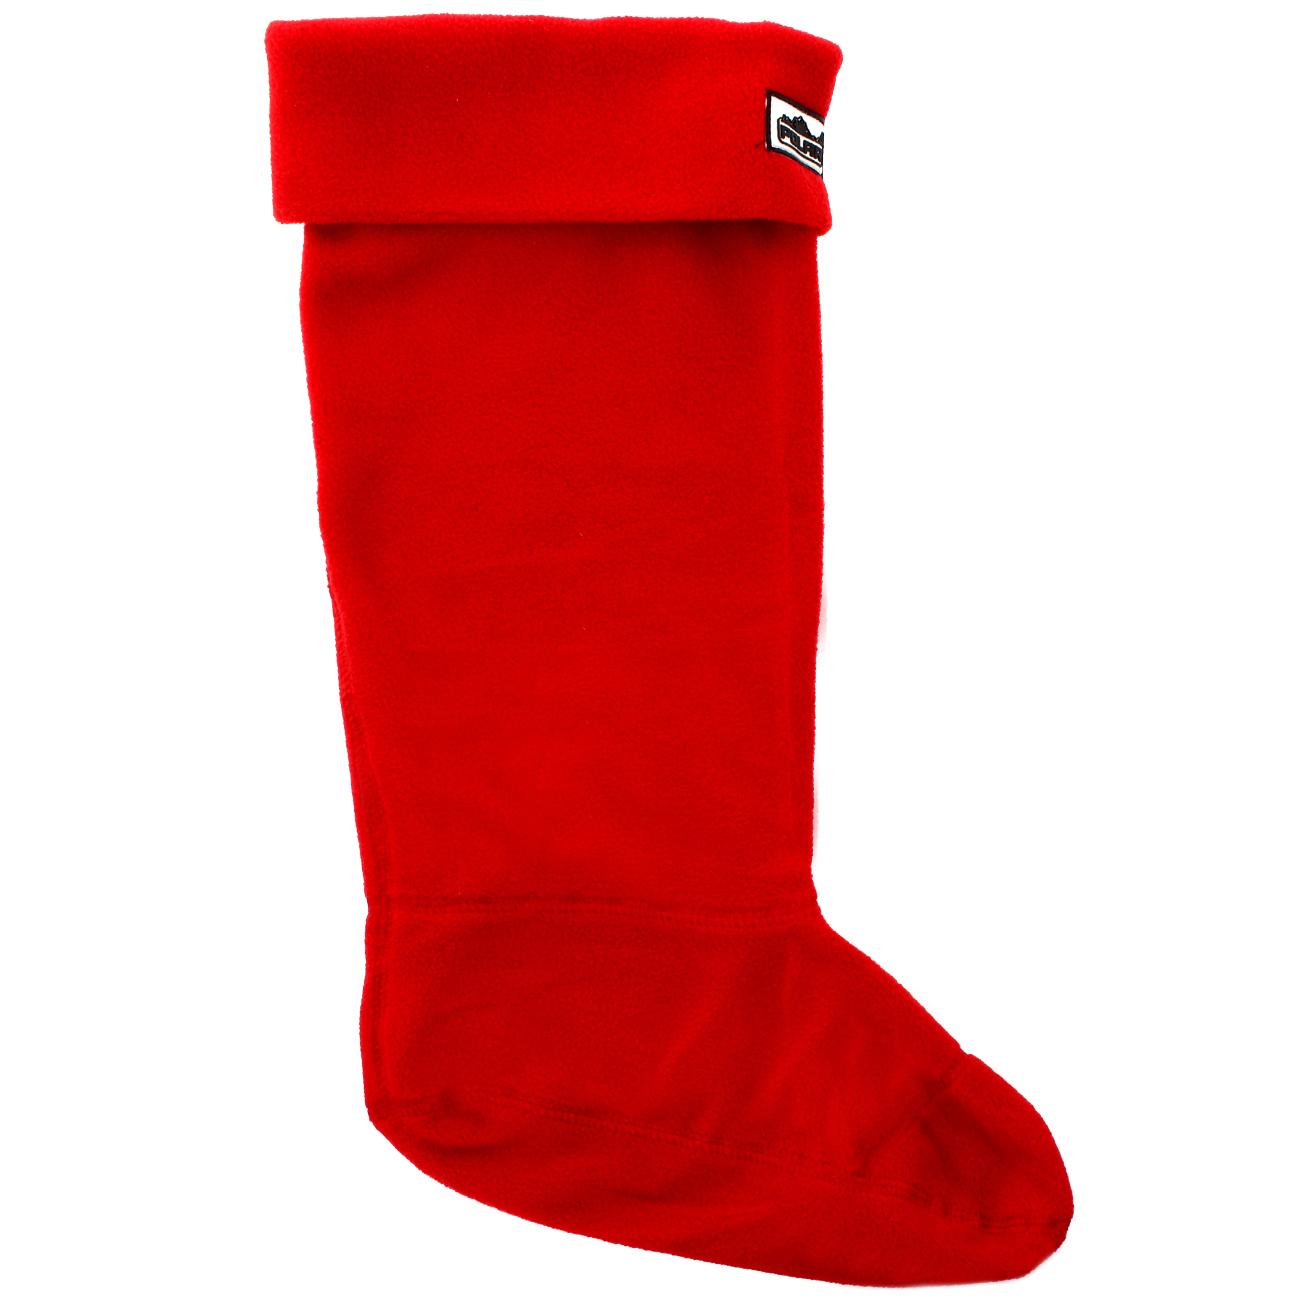 Unisex Thermal Fleece Welly Wellington Boot Warm Cosy Soft Wellie Socks UK 3-10